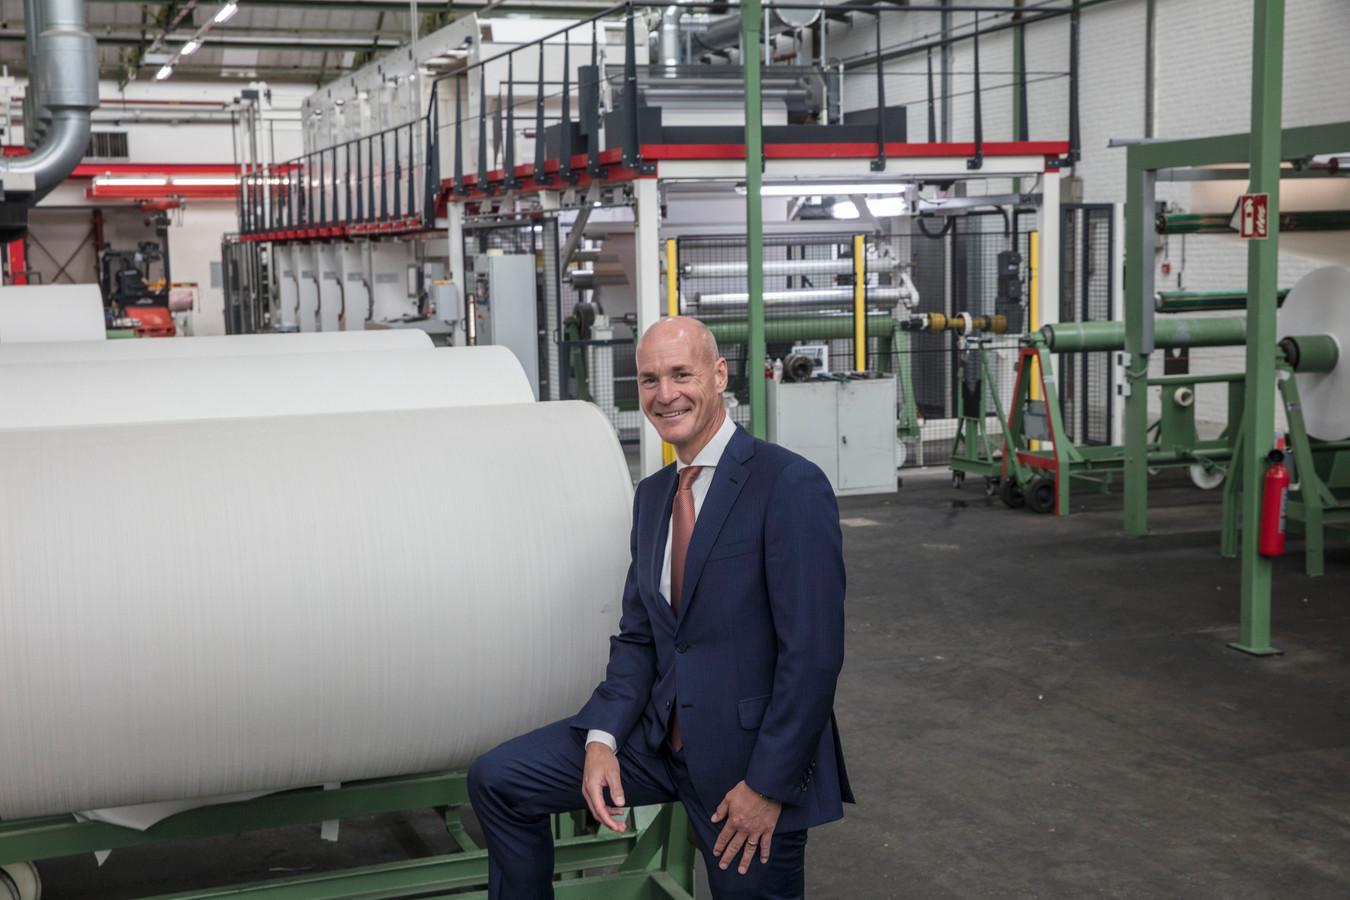 Philippe van Esch in de fabriek van Vescom in Deurne, waar is geïnvesteerd in automatisering in de productie van wandbekleding.